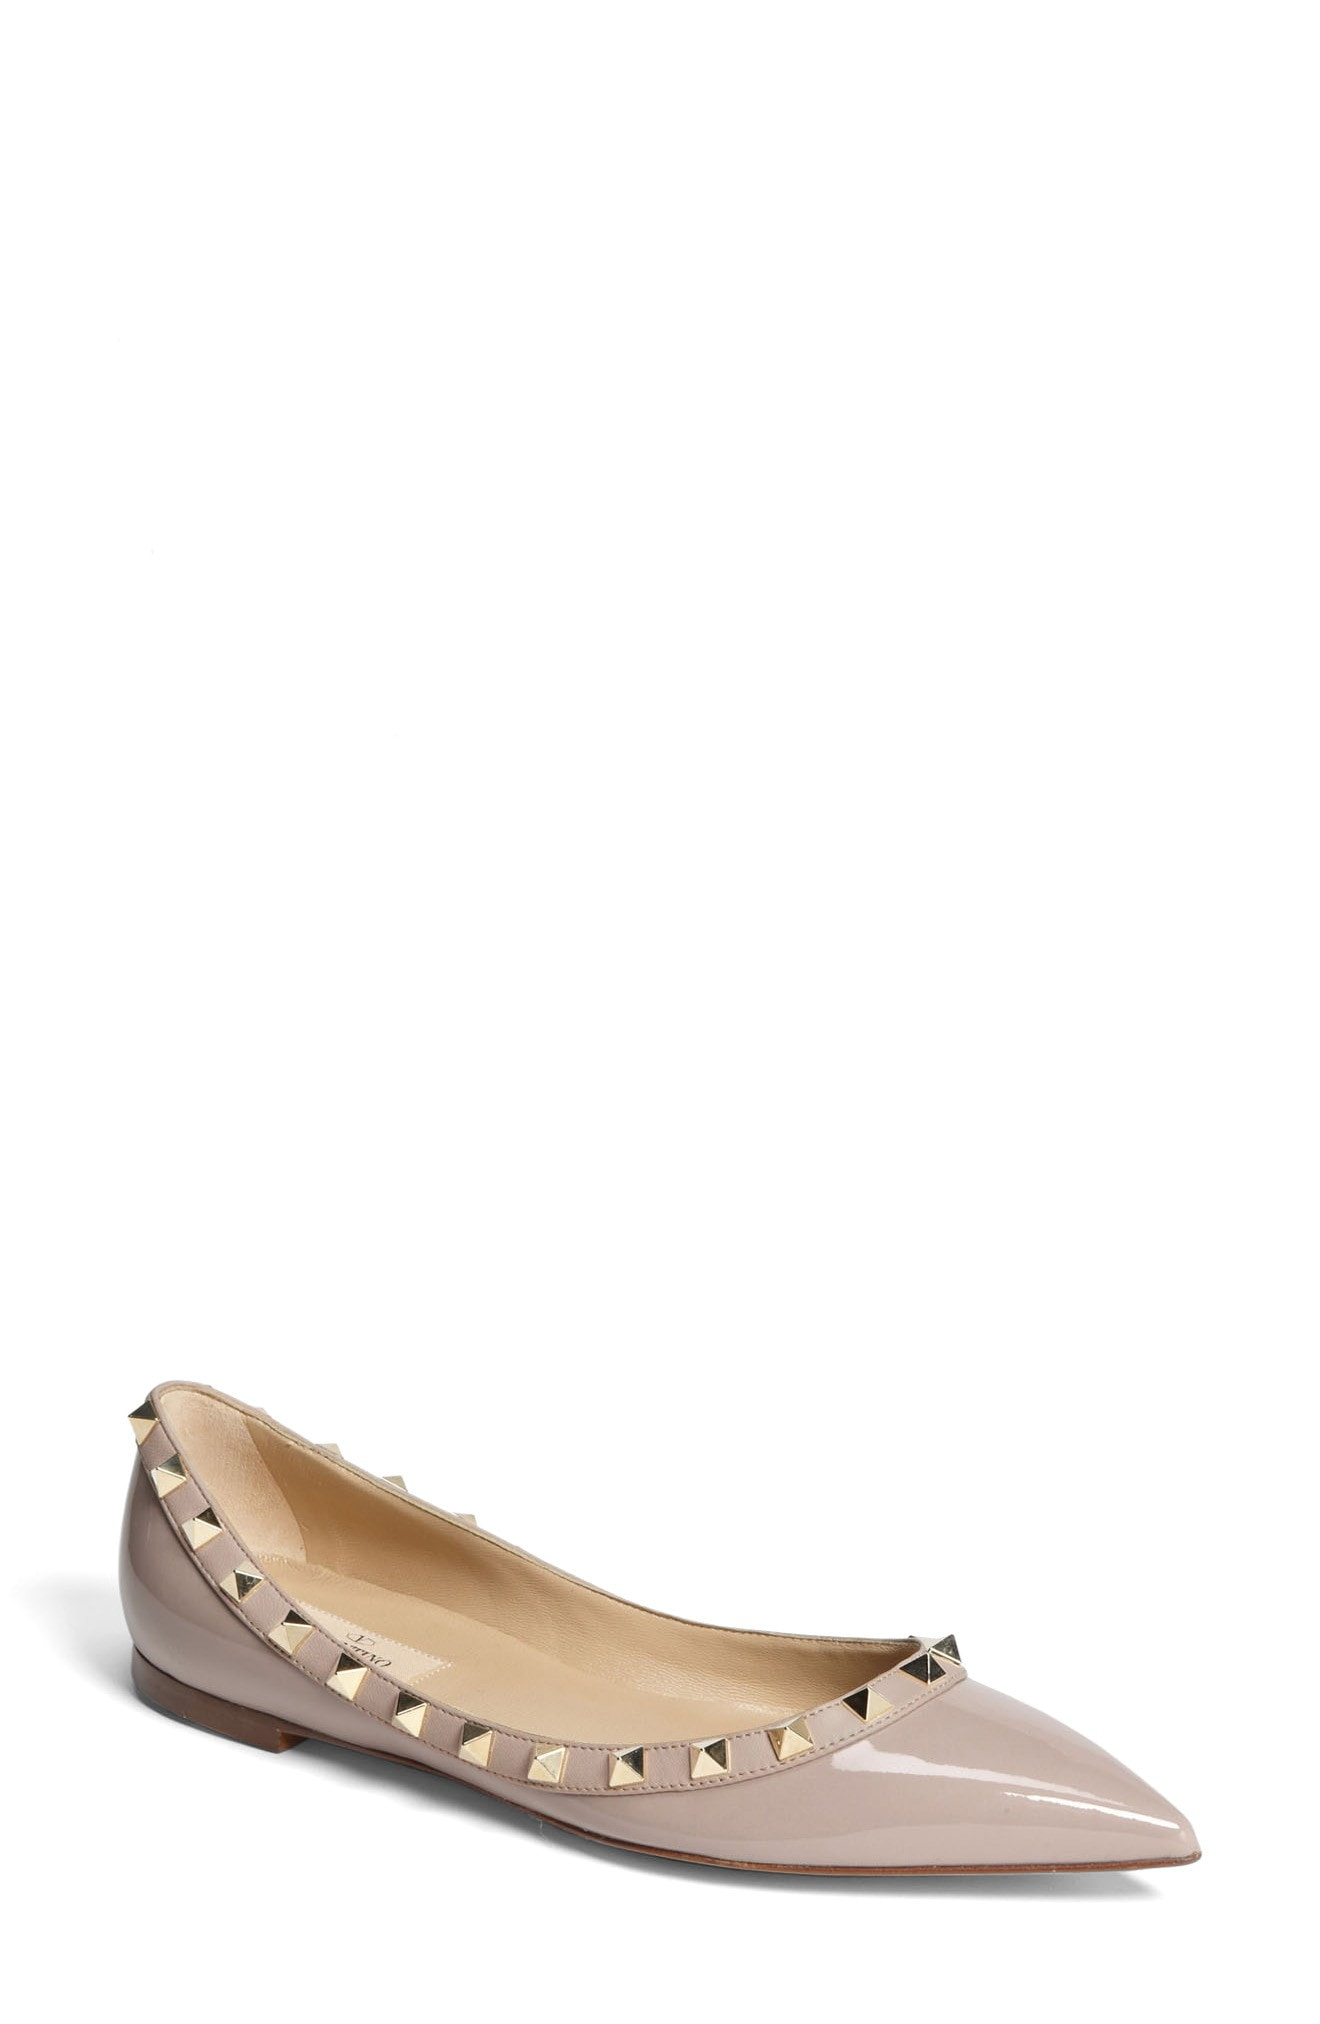 Women's Flats & Ballet Flats | Nordstrom